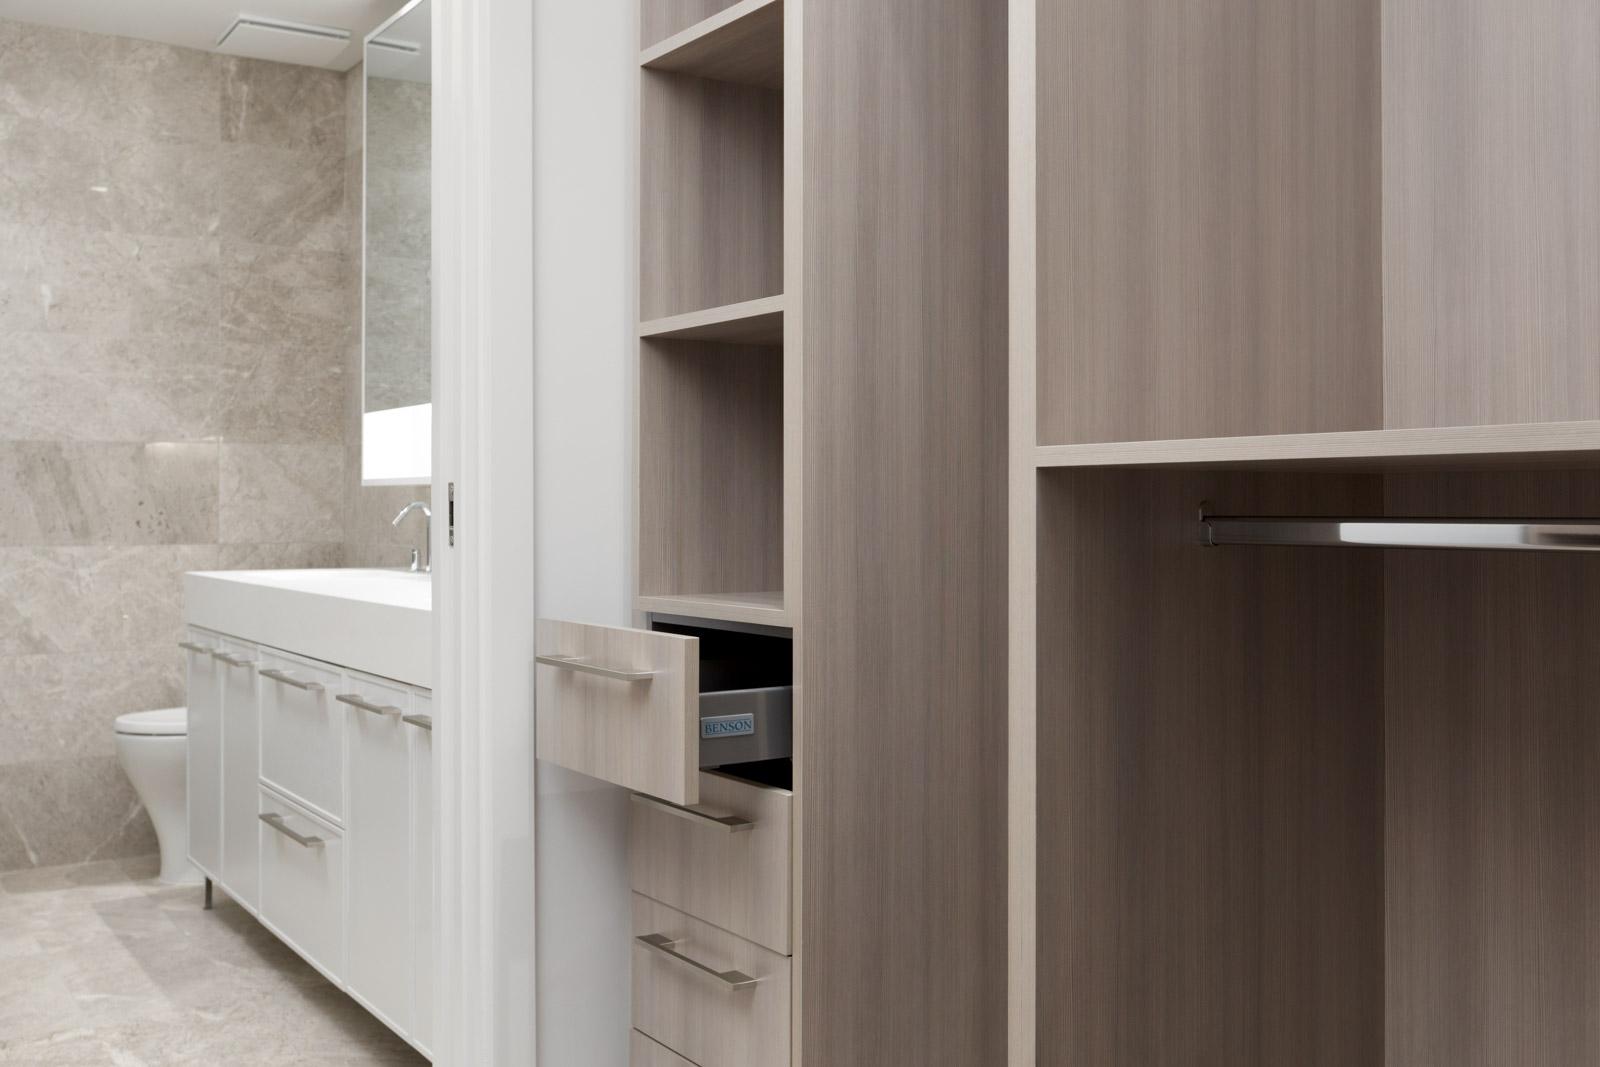 condo closet with dark wood shelves beside bathroom